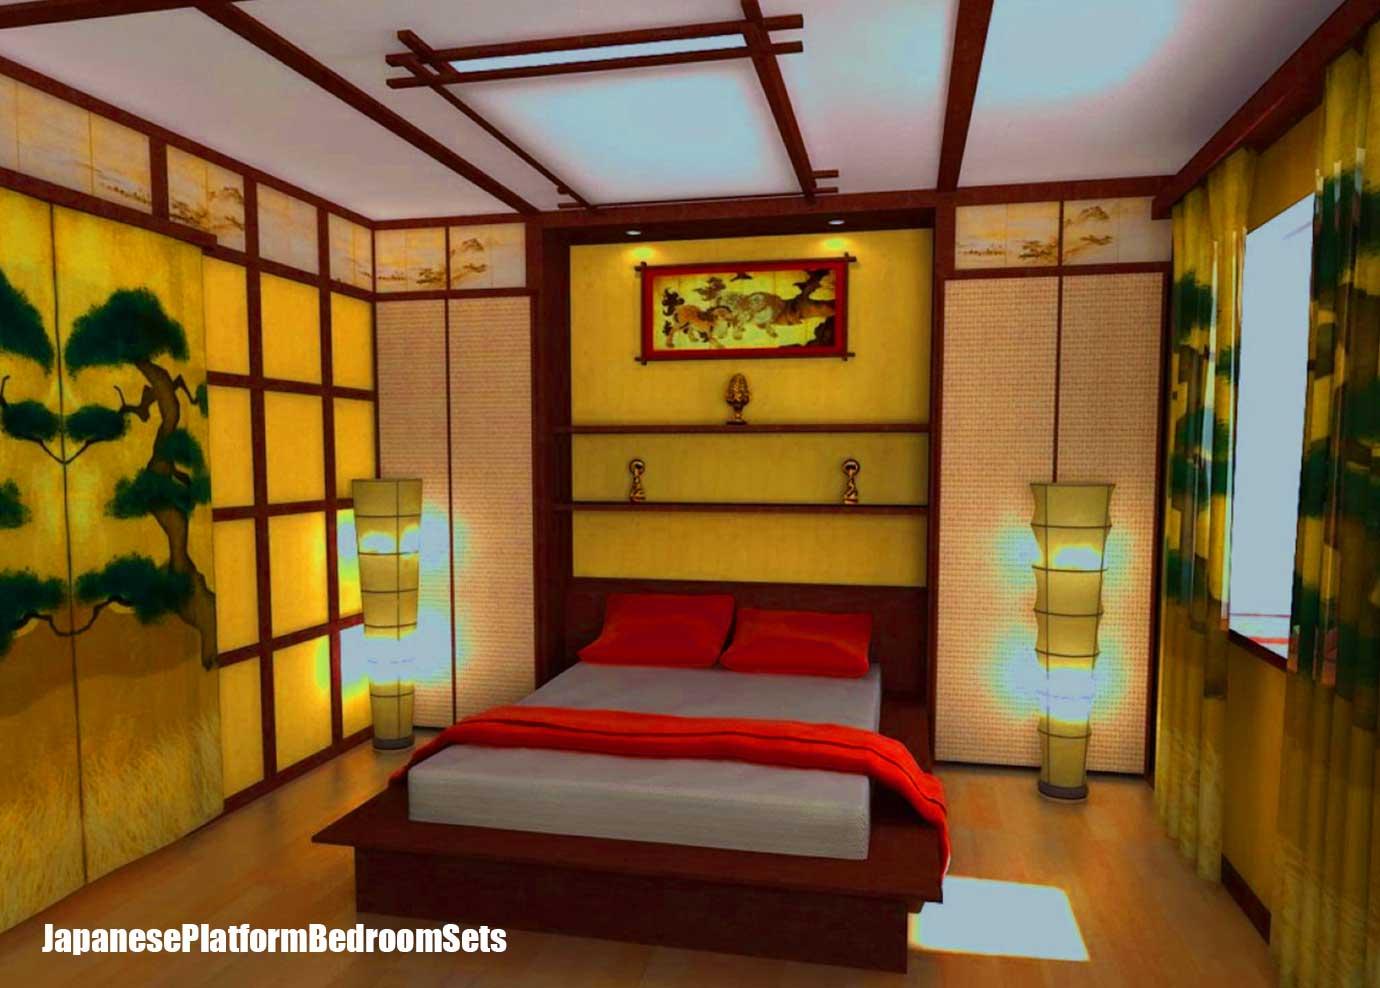 Japanese Bedroom Decor Japanese Platform Bedroom Sets